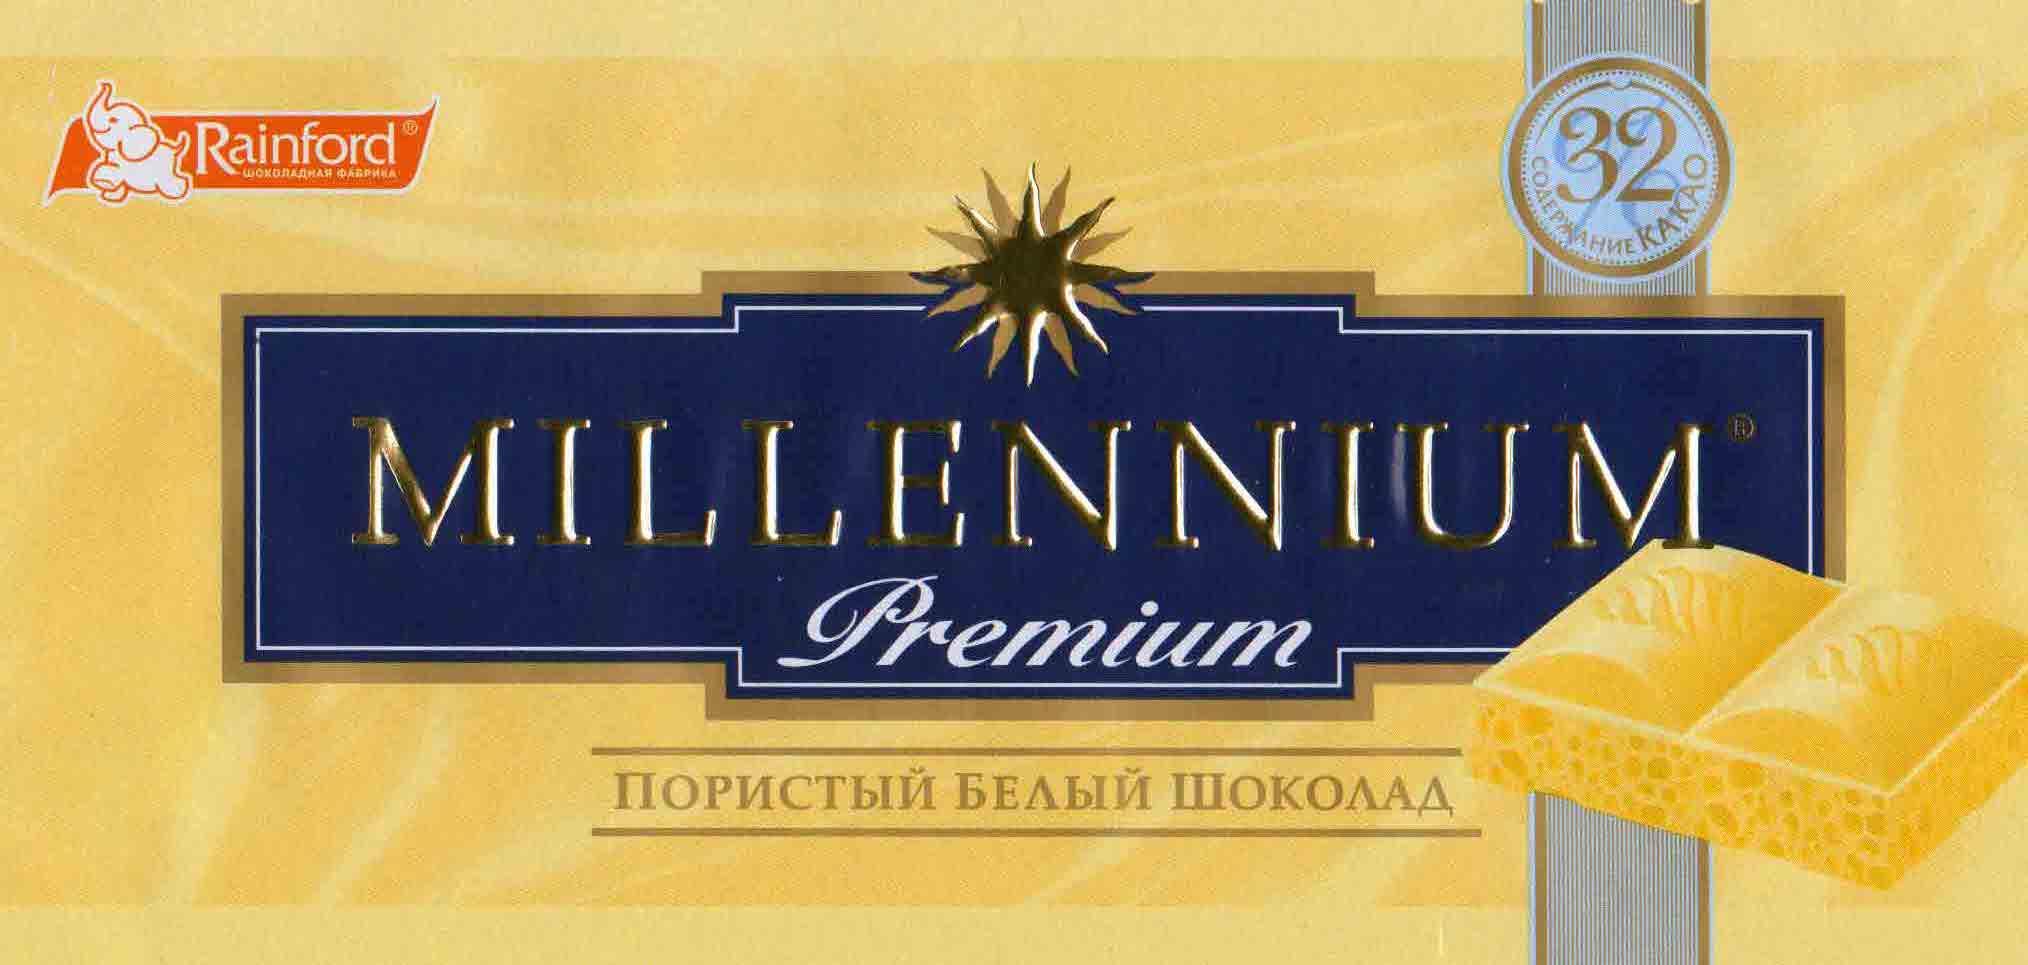 Шоколад Millenium (Миллениум)